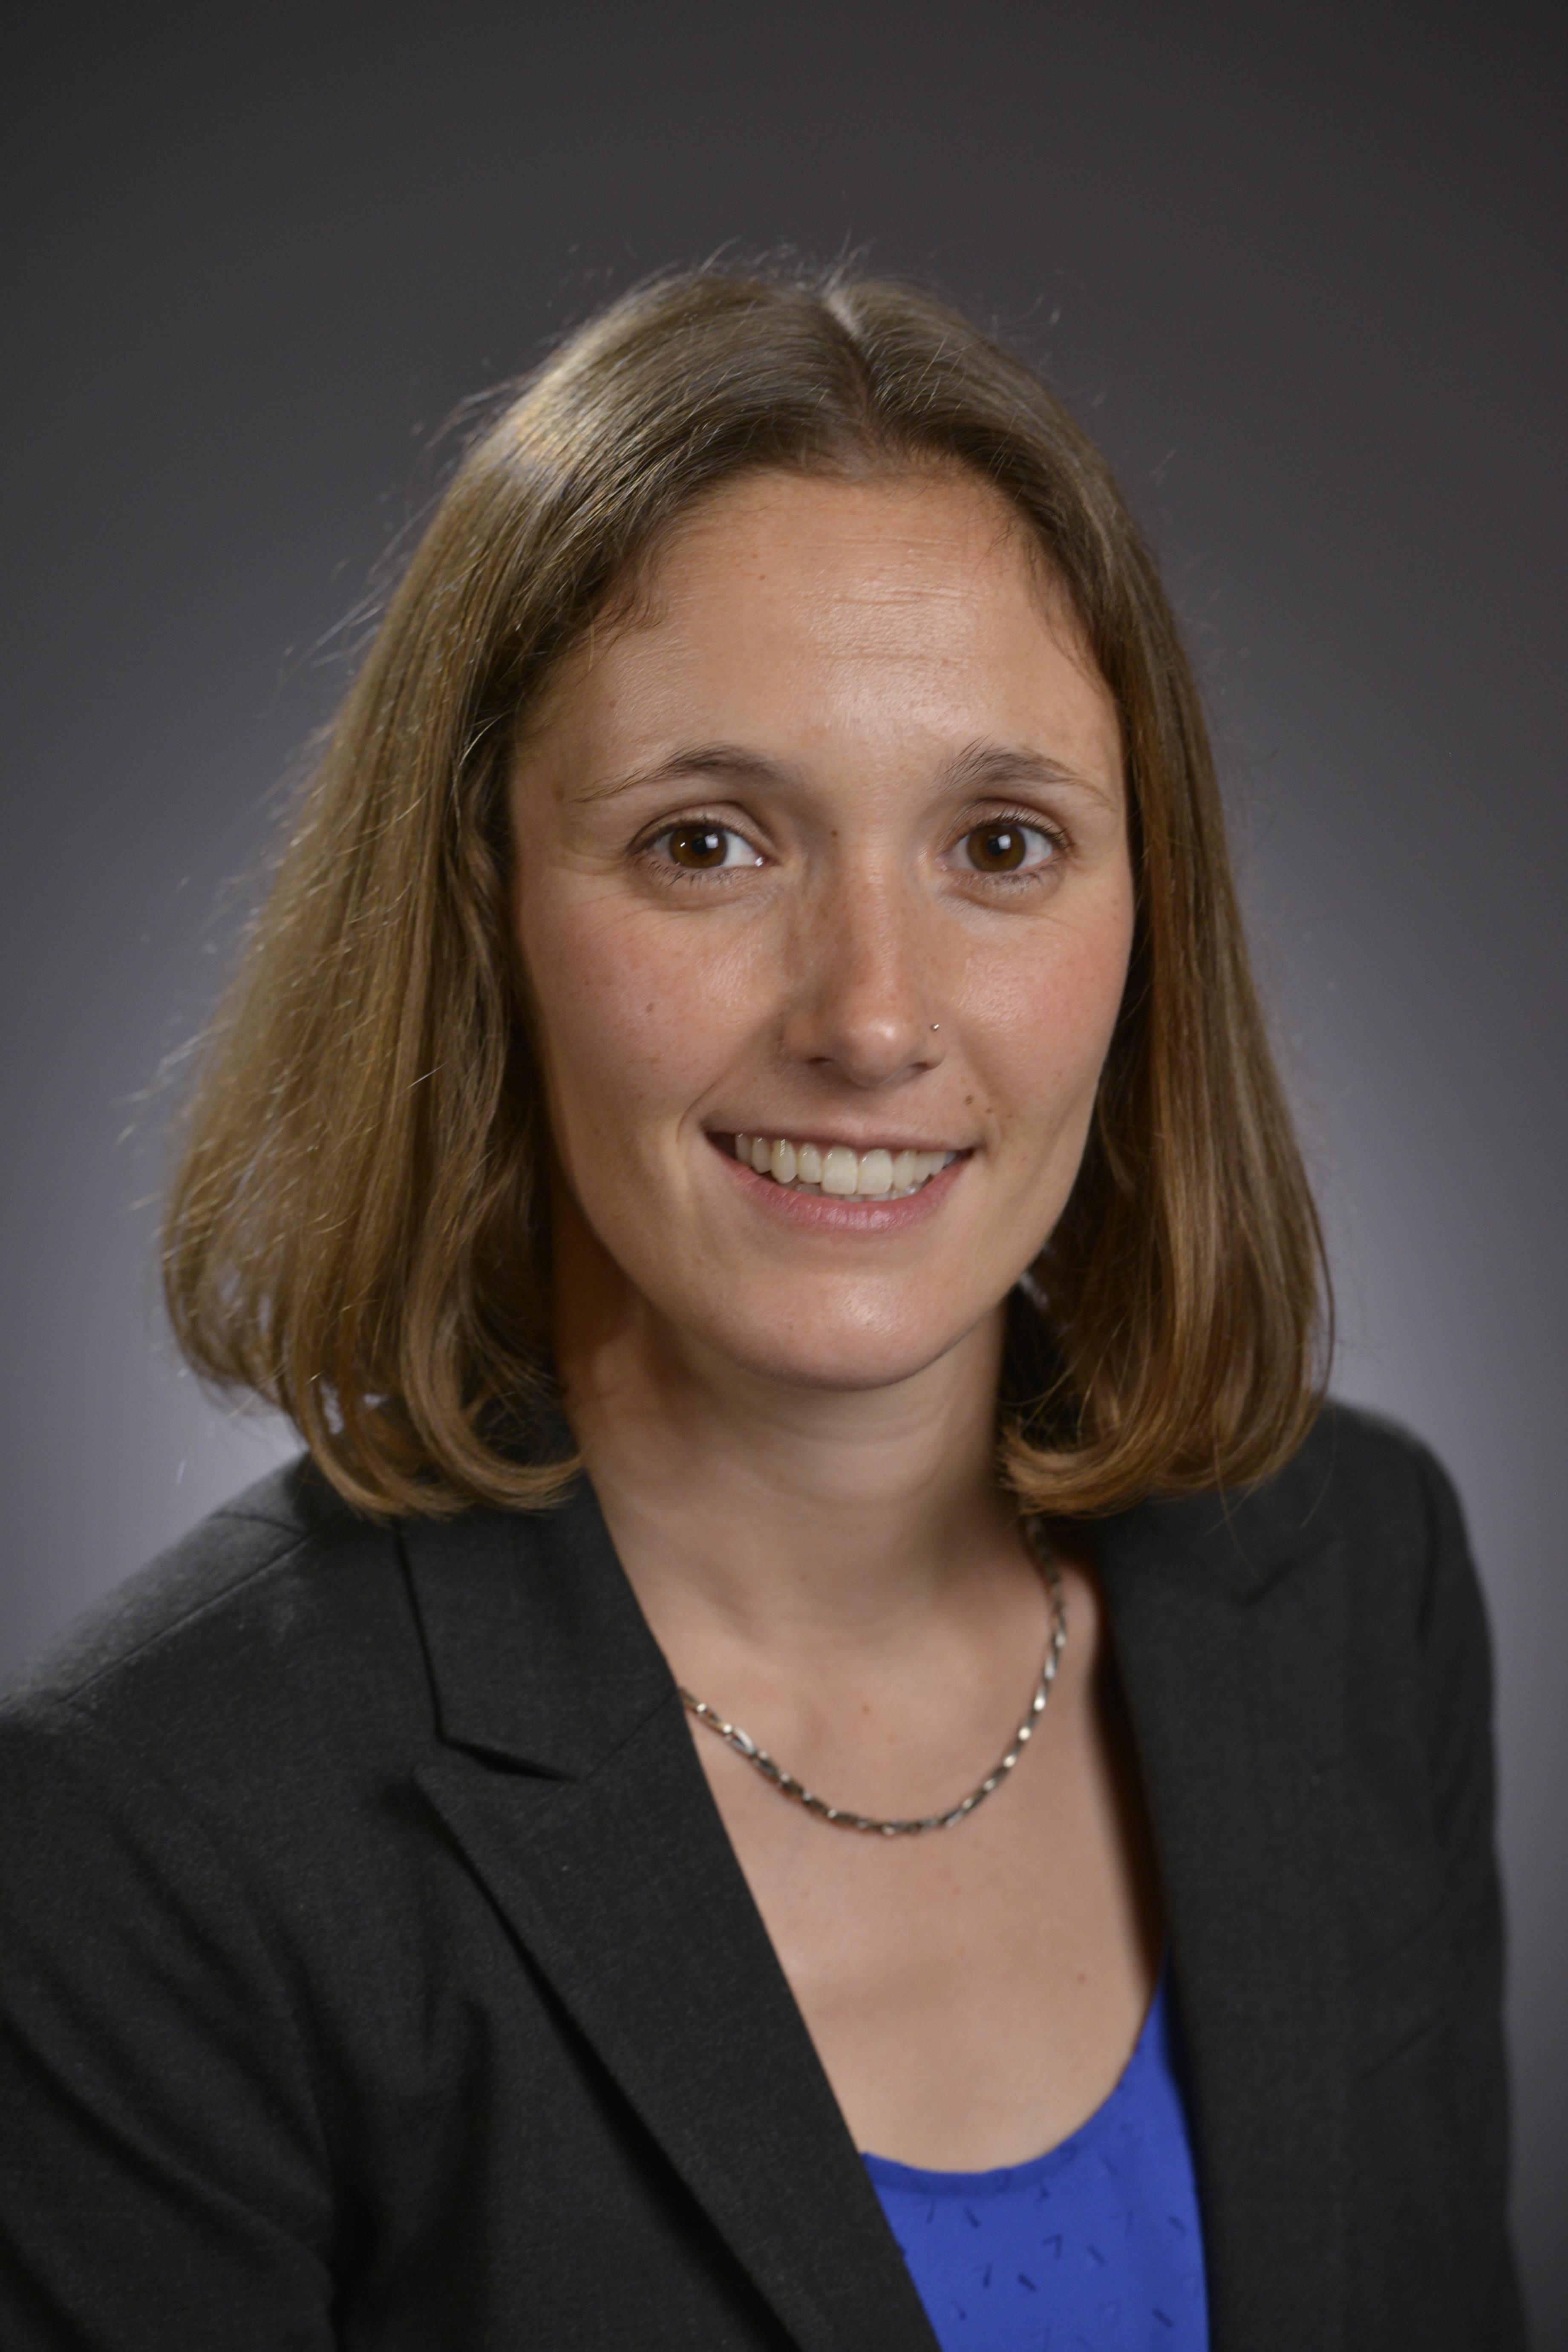 Susannah Cowden Portrait Photo